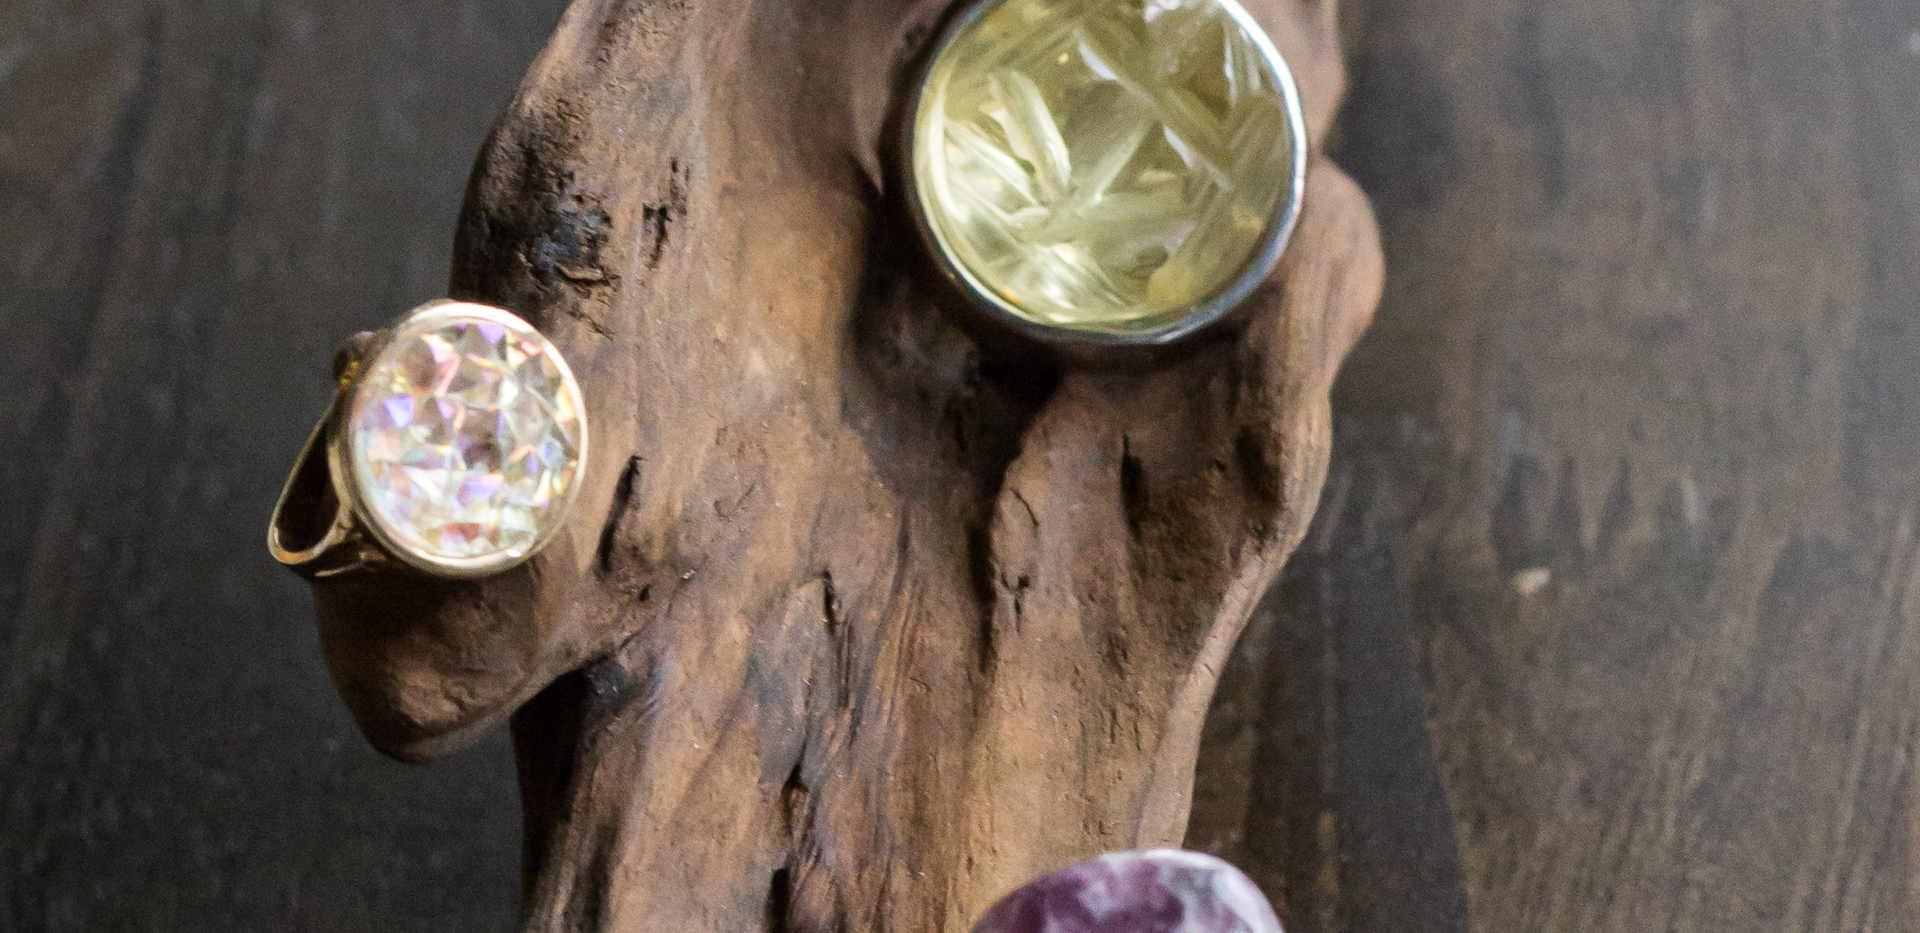 North Carolina made jewelry